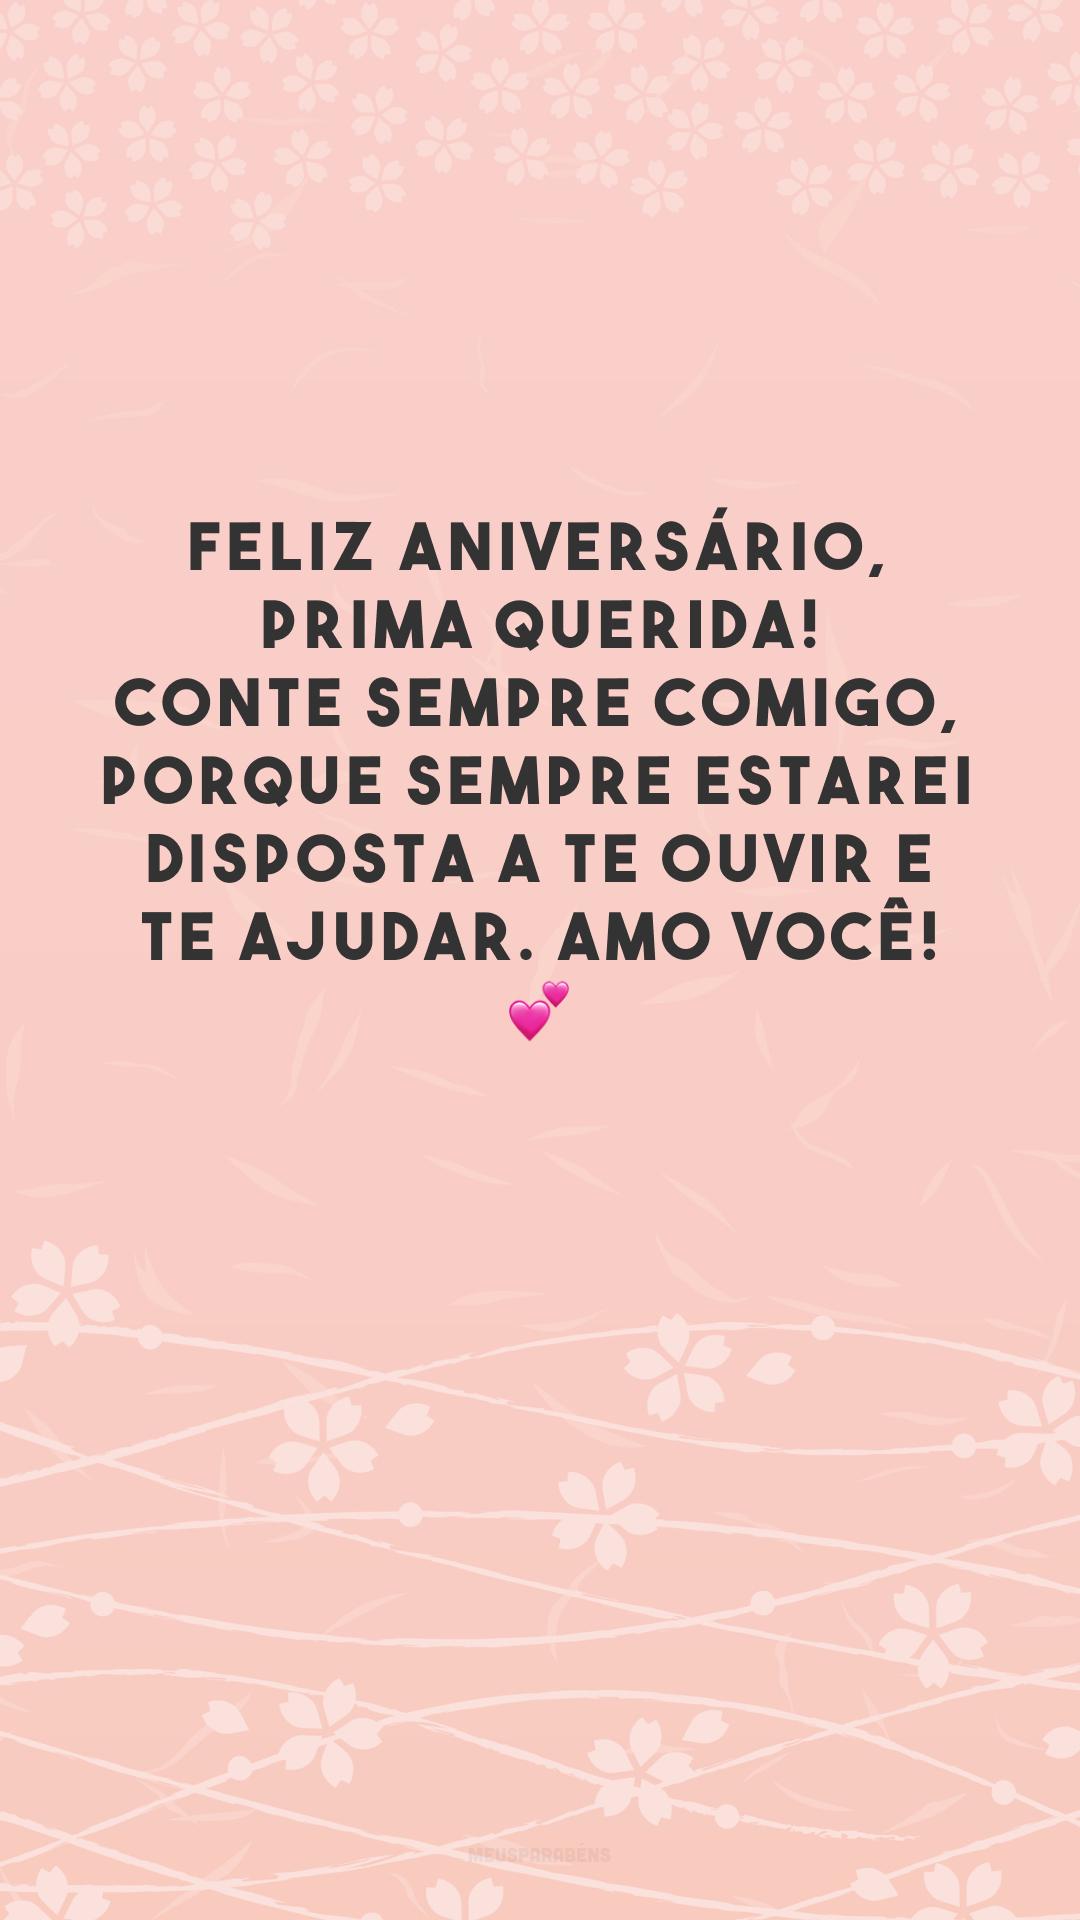 Feliz aniversário, prima querida! Conte sempre comigo, porque sempre estarei disposta a te ouvir e te ajudar. Amo você! 💕